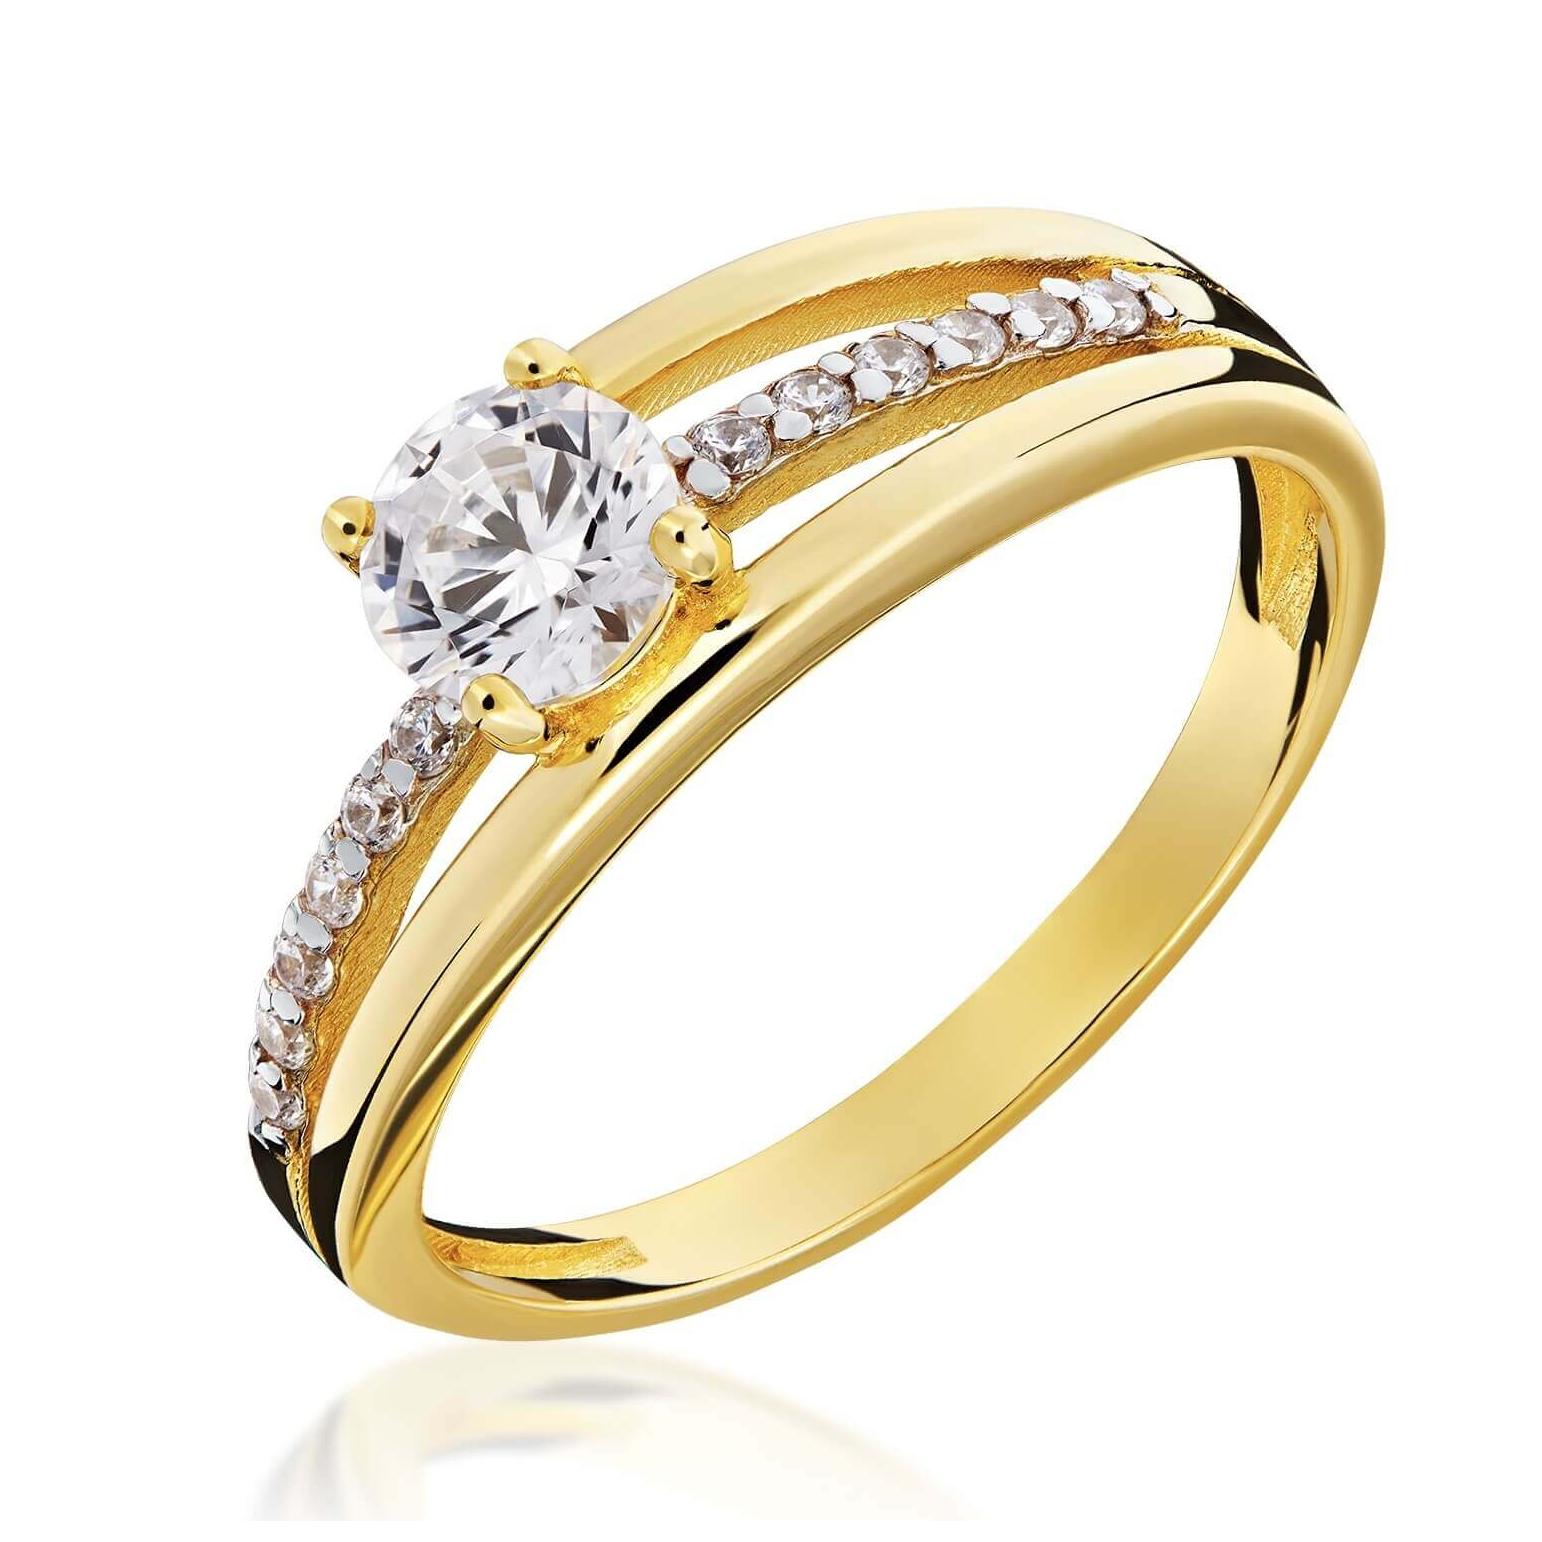 Złoty pierścionek kamieniowy próby 585